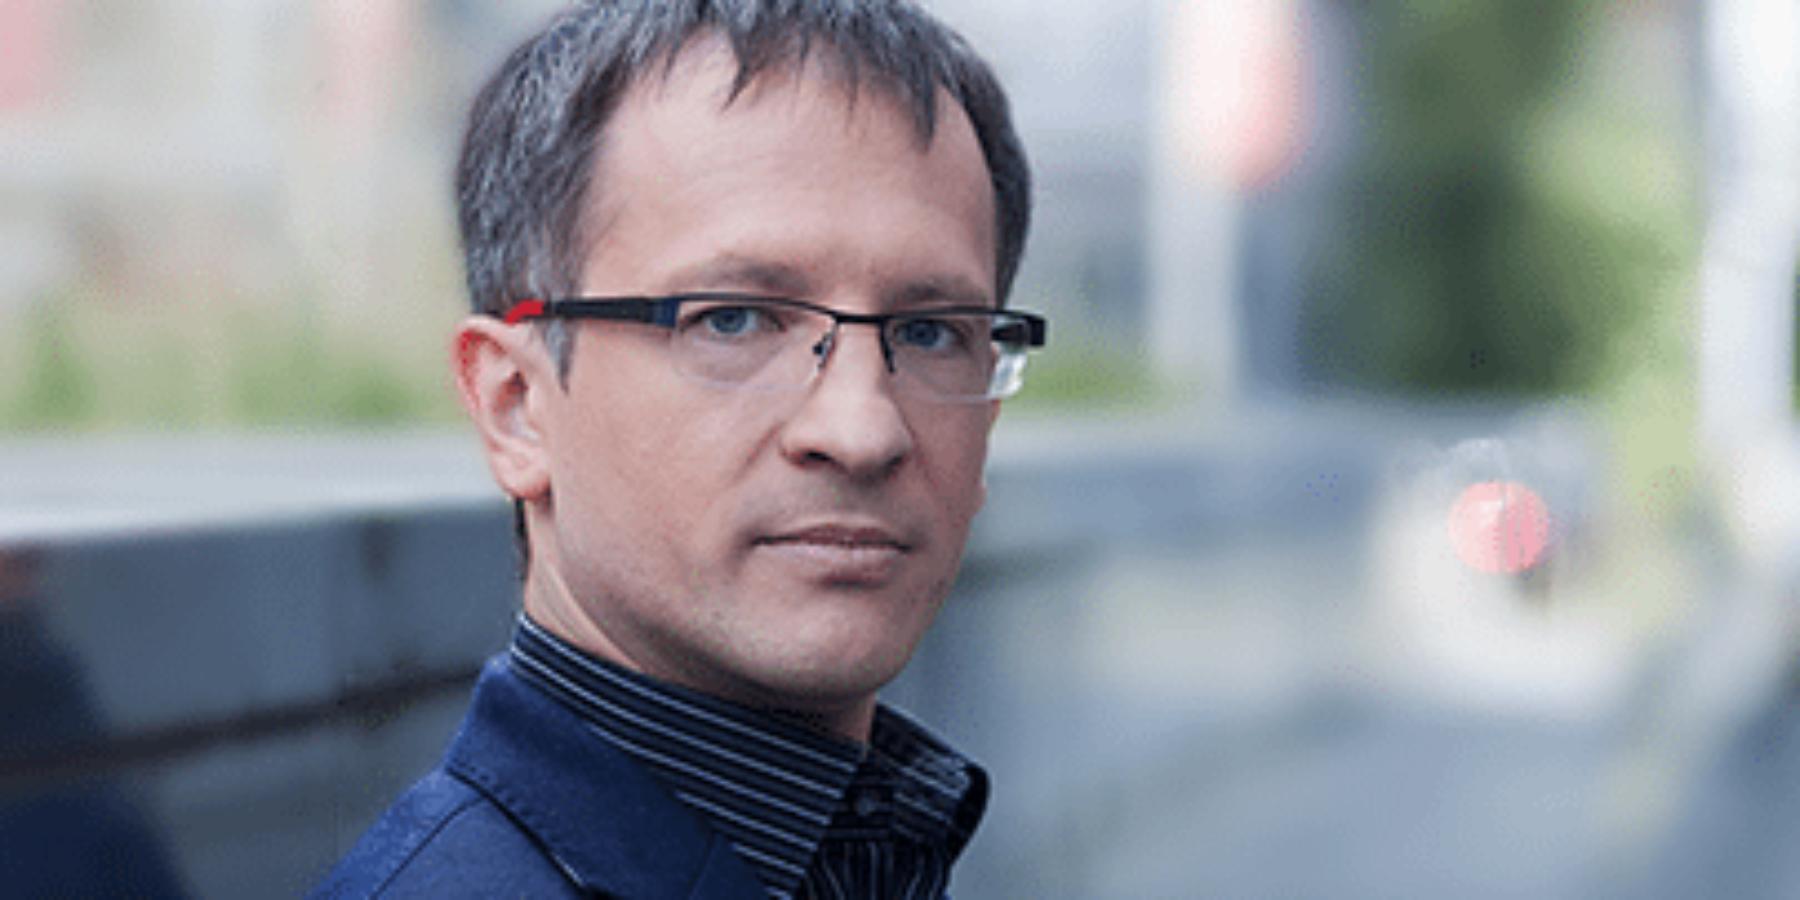 Wywiad zWojciechem Karwowskim (SEMSTORM) – Mamy ścisłe reguły pisania oprogramowania